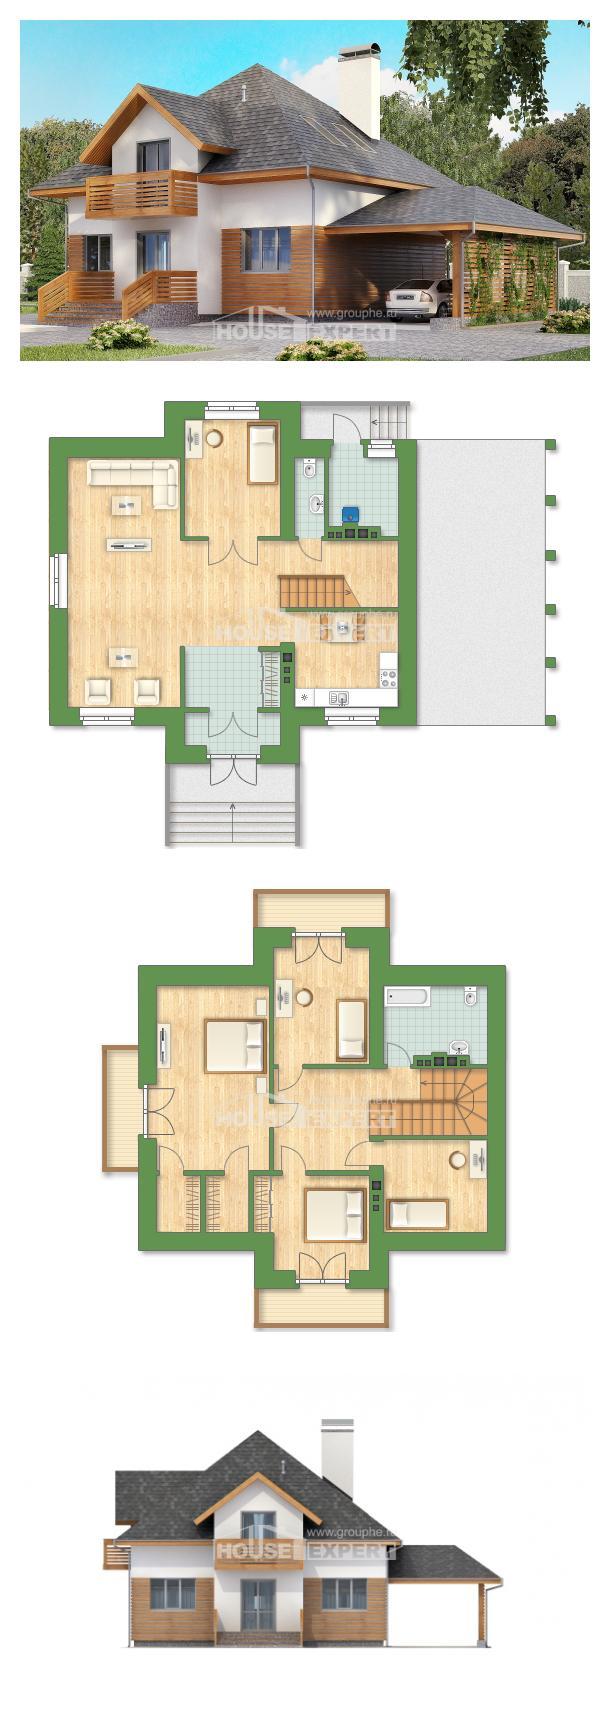 Проект дома 155-004-П   House Expert